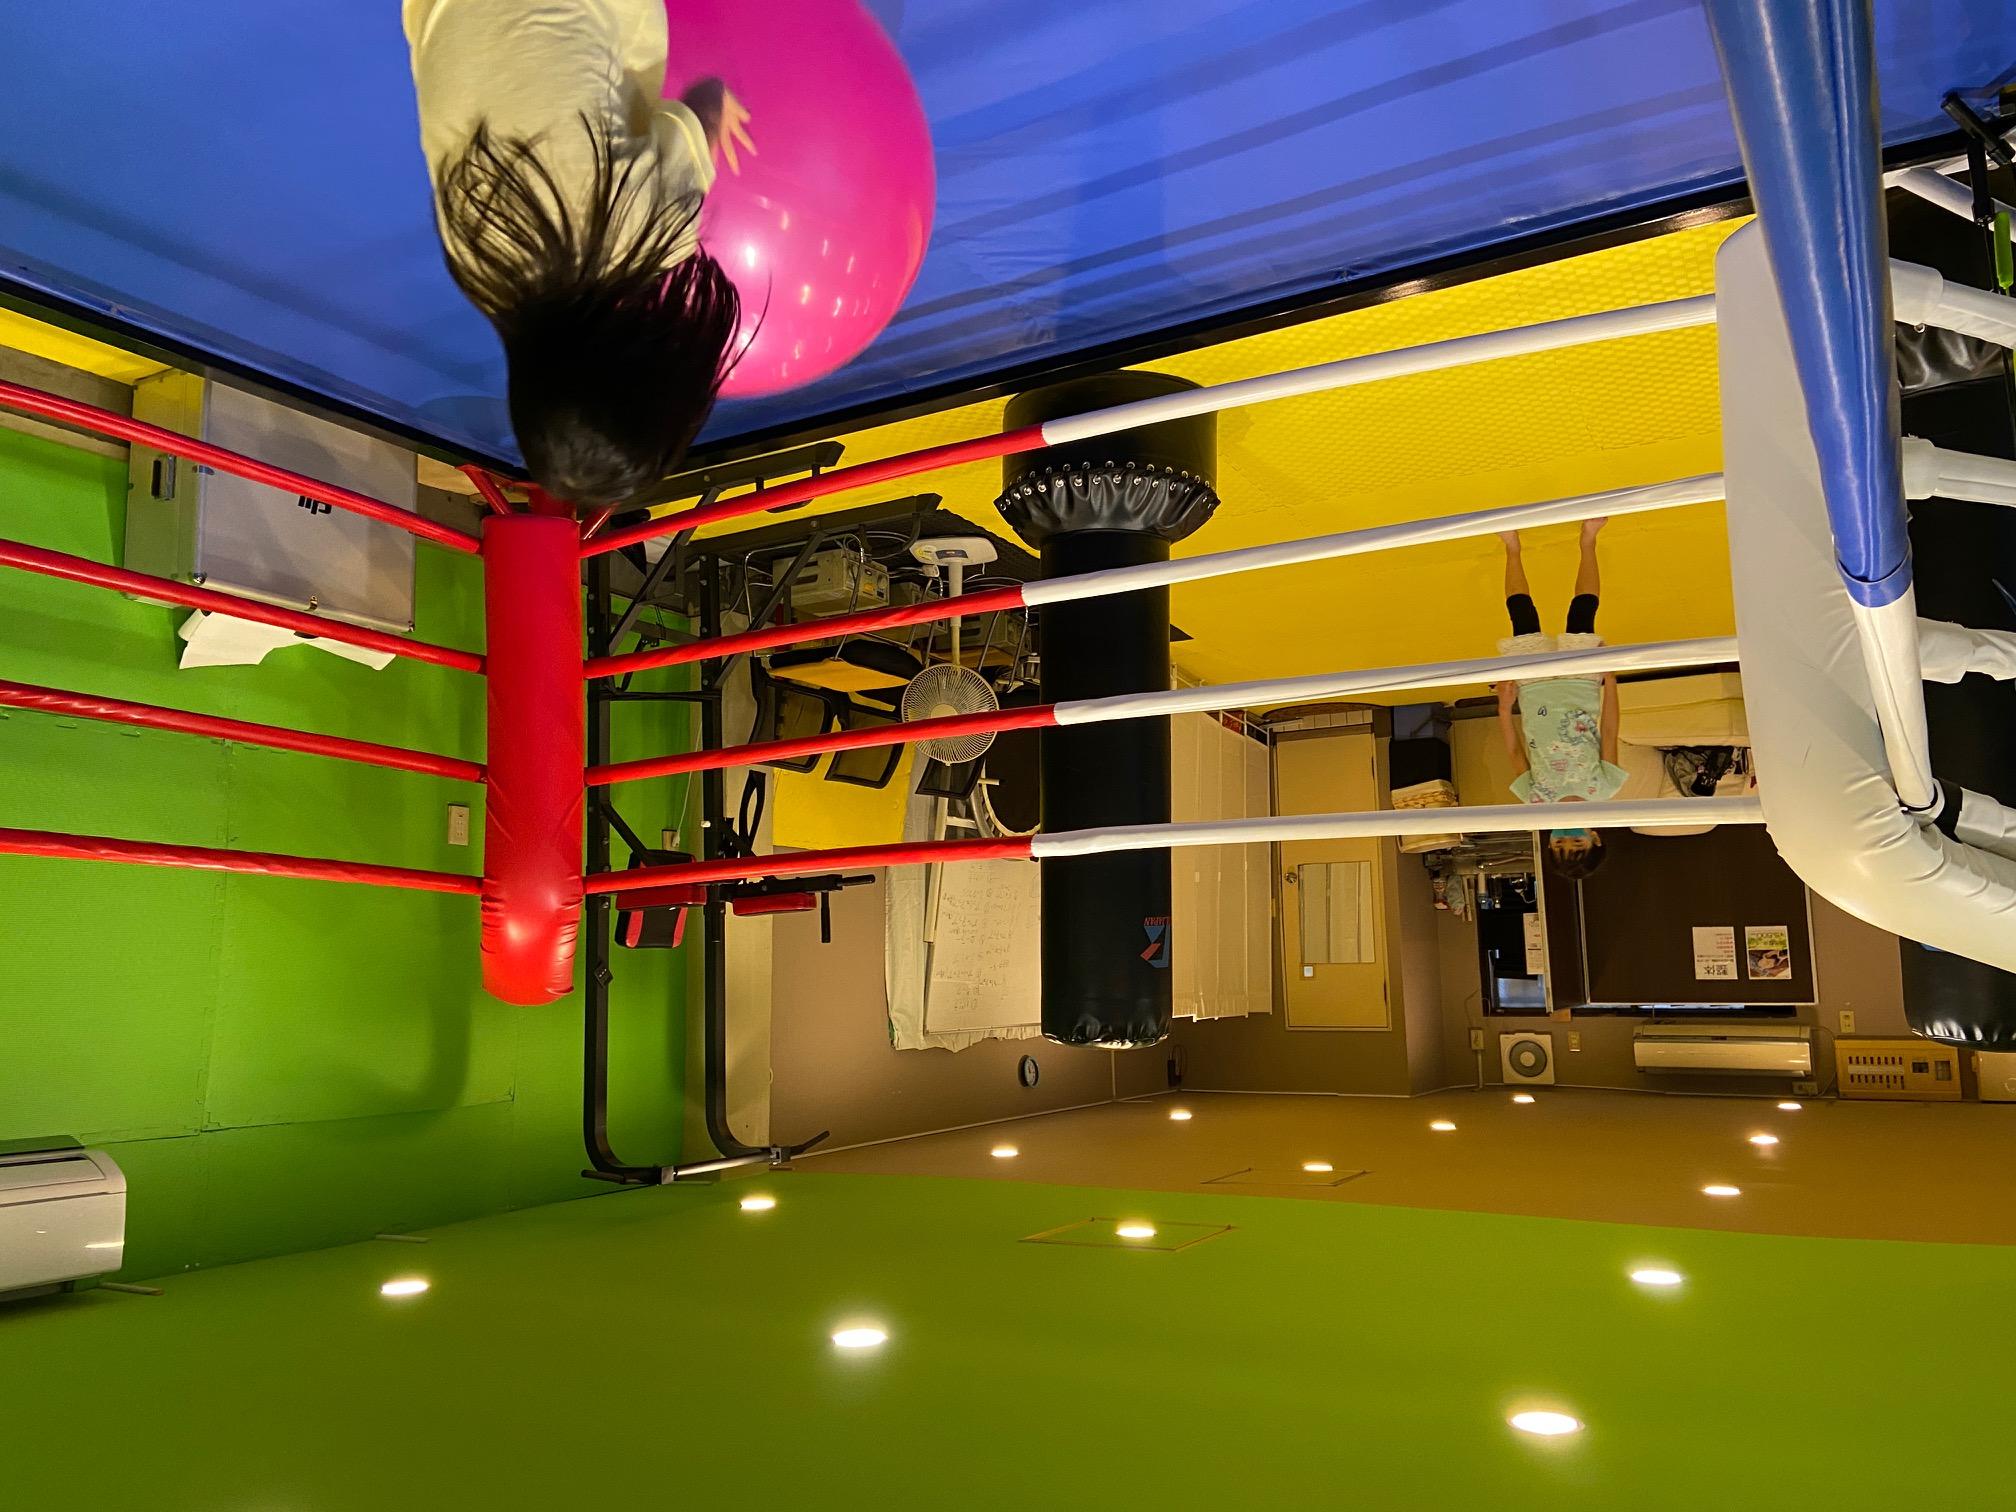 IMG_0390 無料キックボクシングレッスン!NPO法人ONE +様とのコラボで実現。